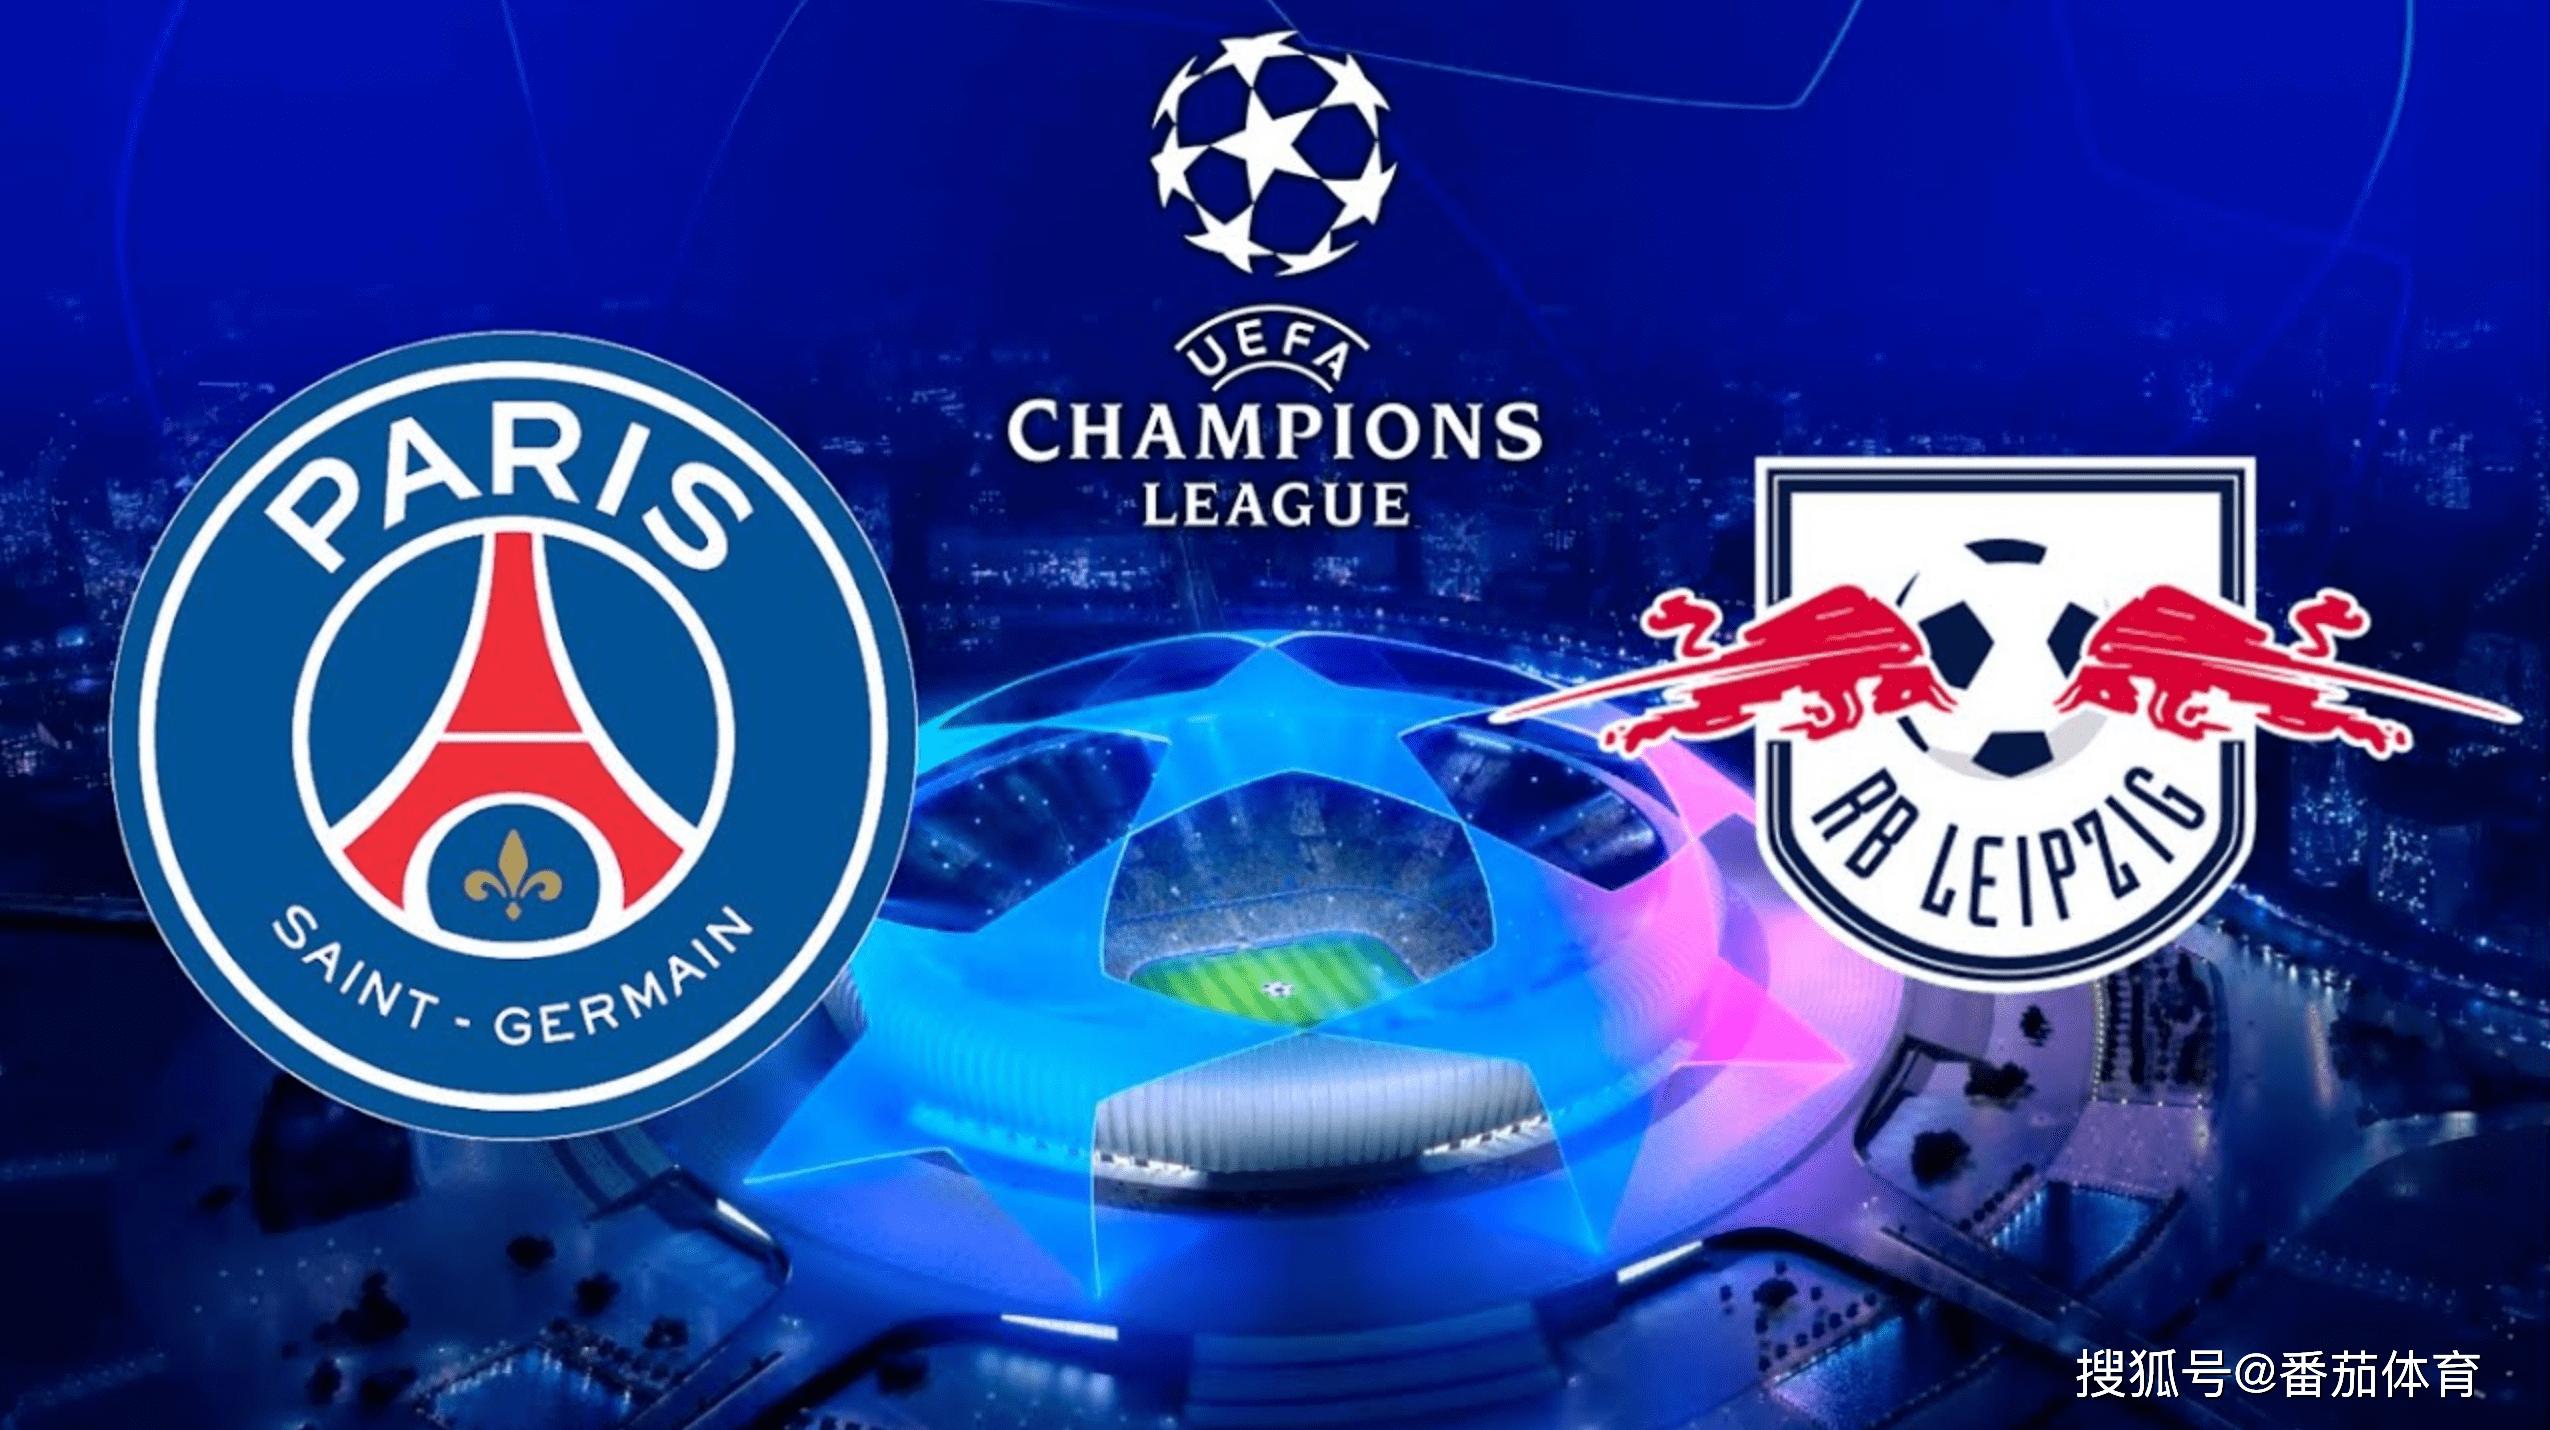 「欧冠杯」巴黎圣日耳曼vsRB莱比锡年夜巴黎复仇莱比锡